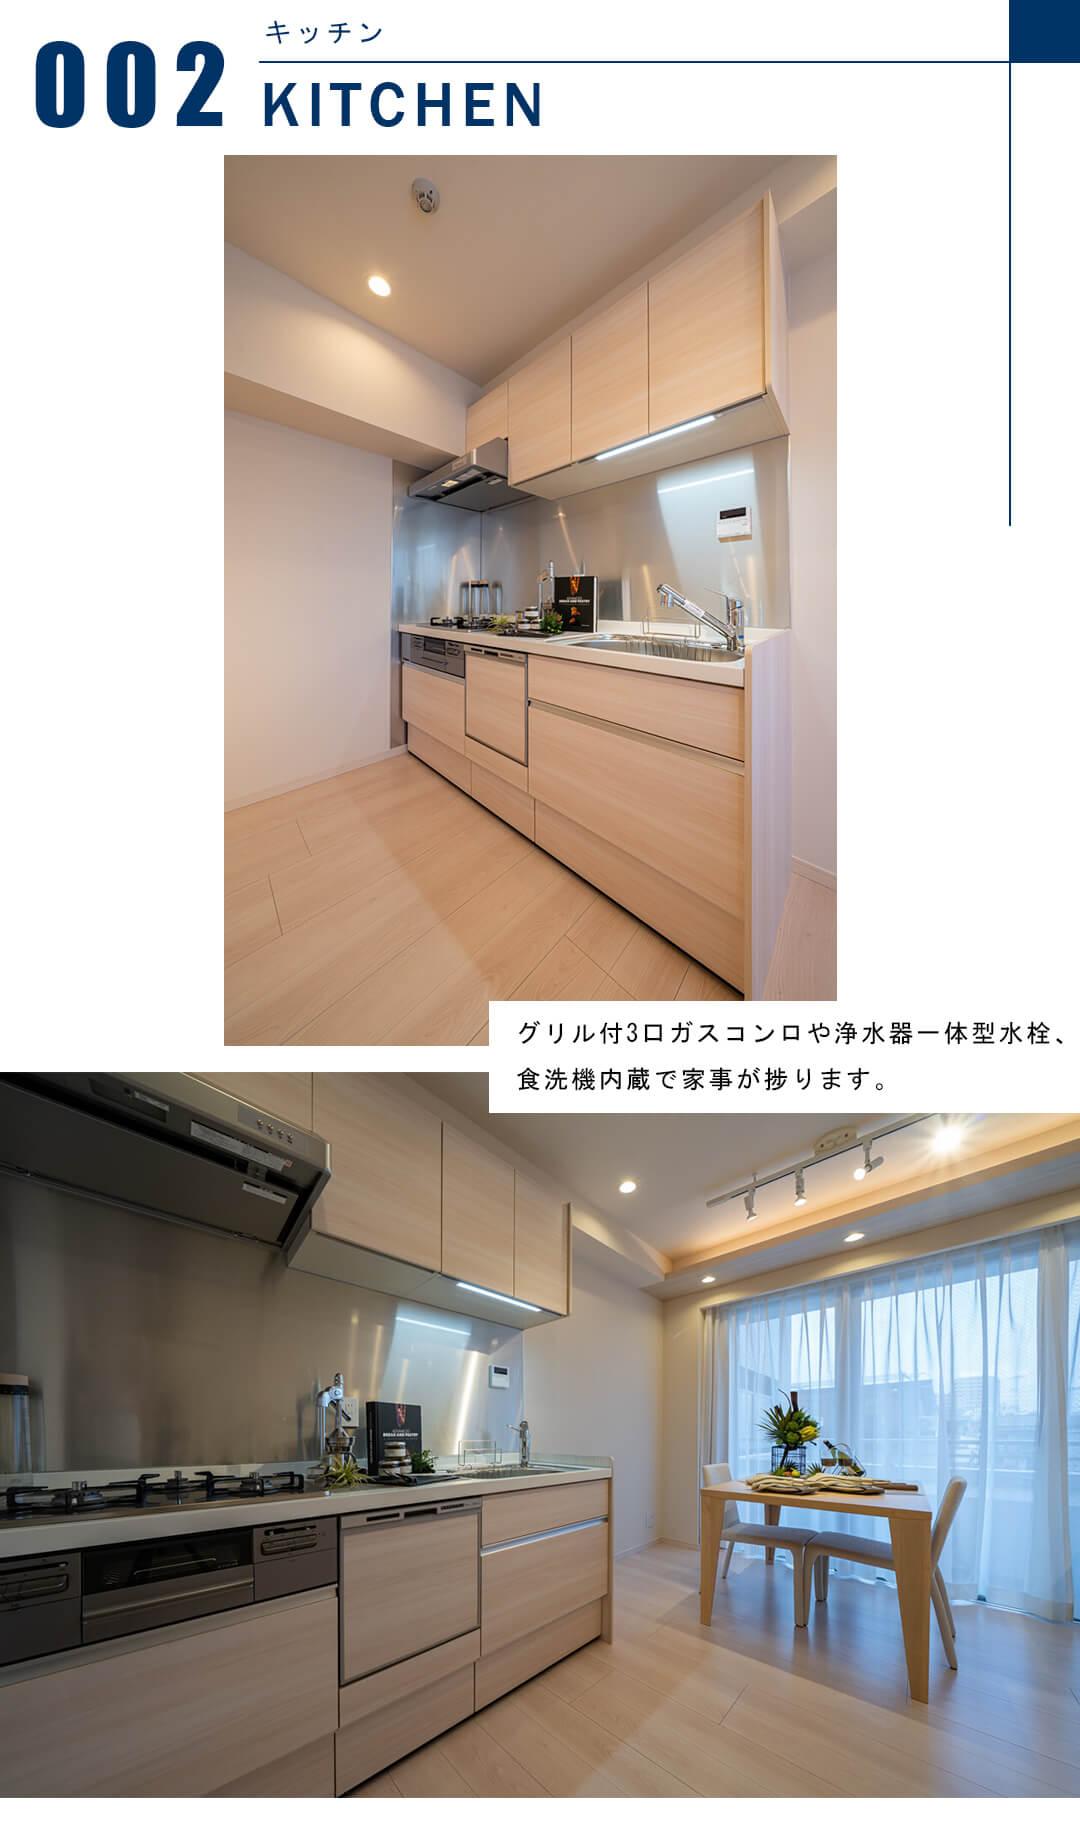 ダイナシティ文京根津のキッチン